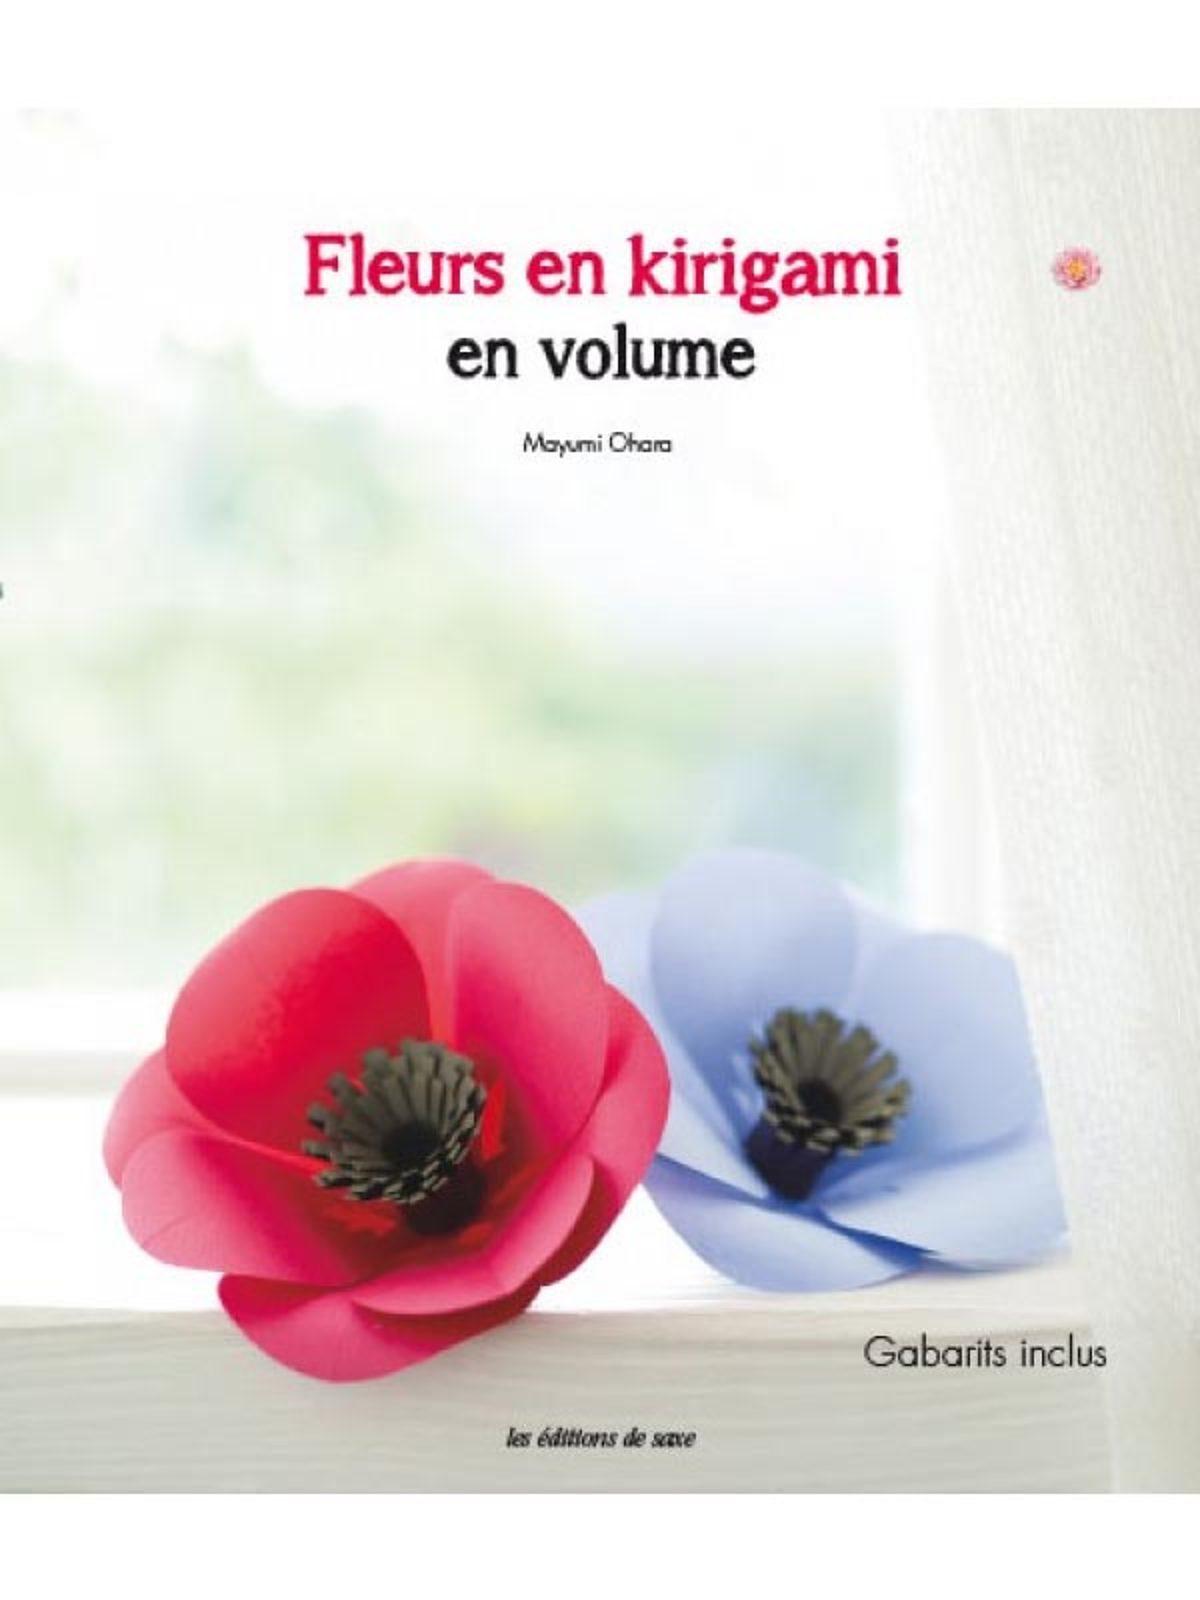 fleurs en kirigami en volume